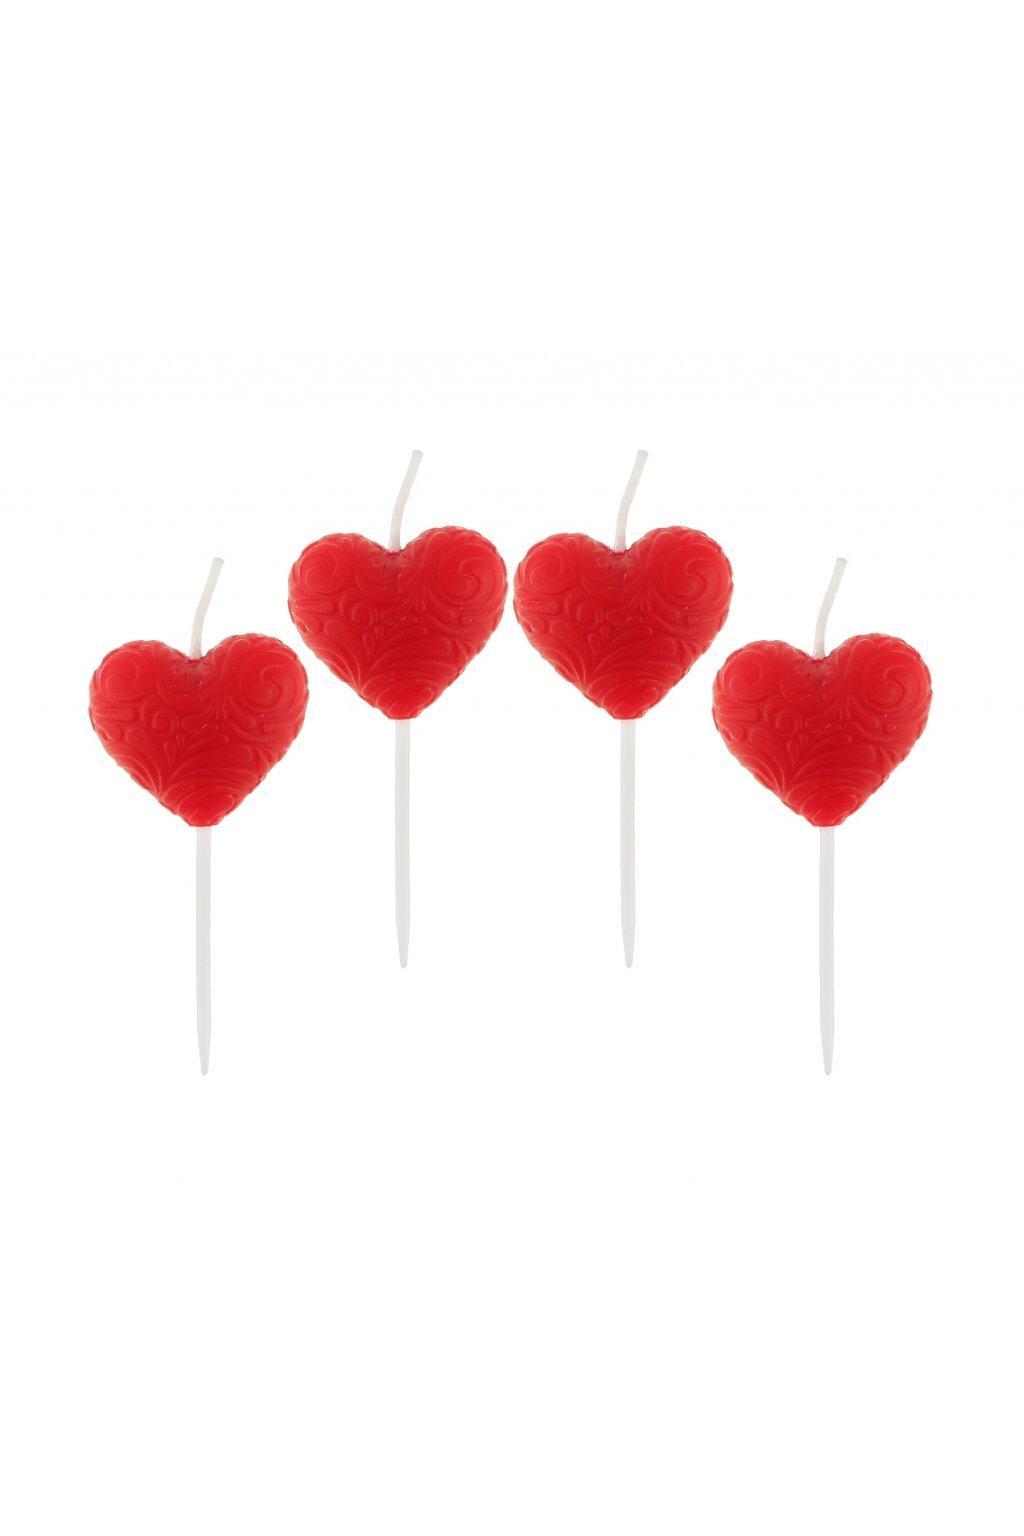 pick candles hearts 4 pcs